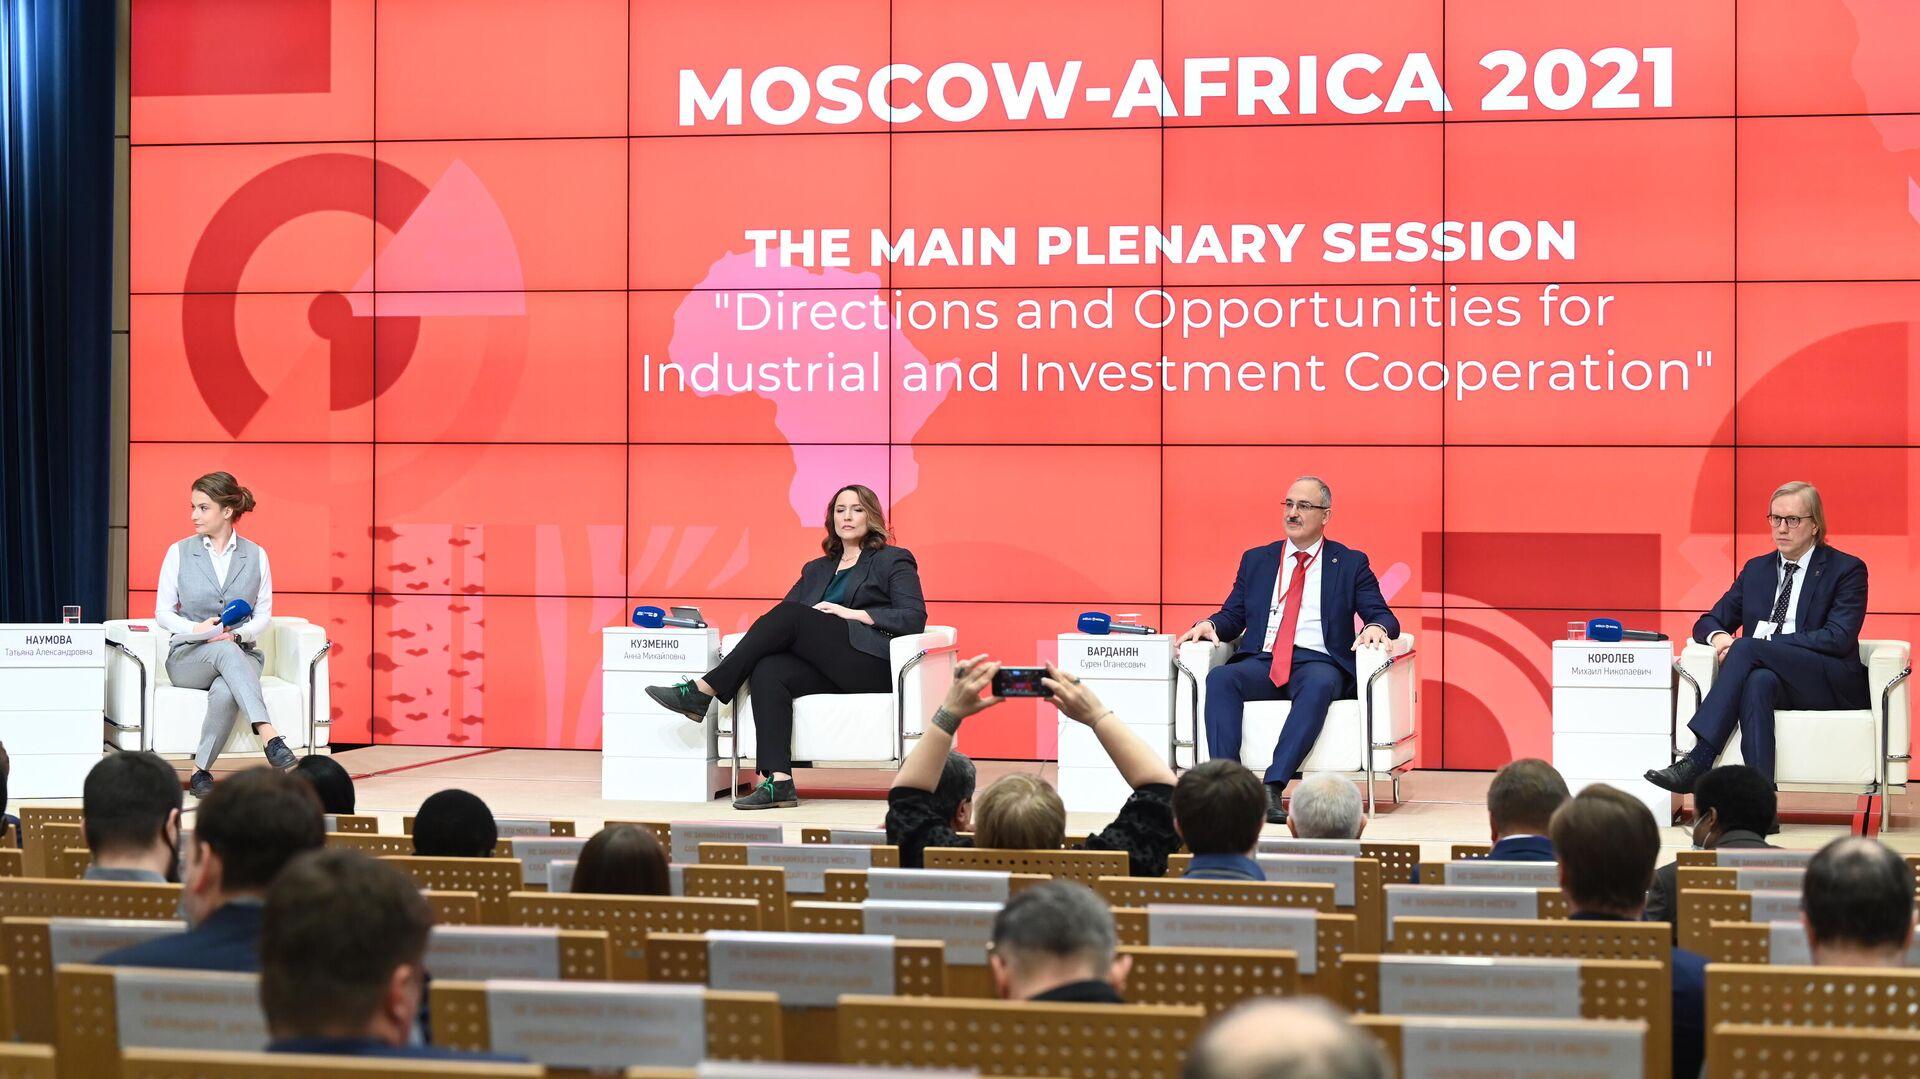 """Телемост """"Москва-Африка"""" обозначил курс на развитие сотрудничества"""